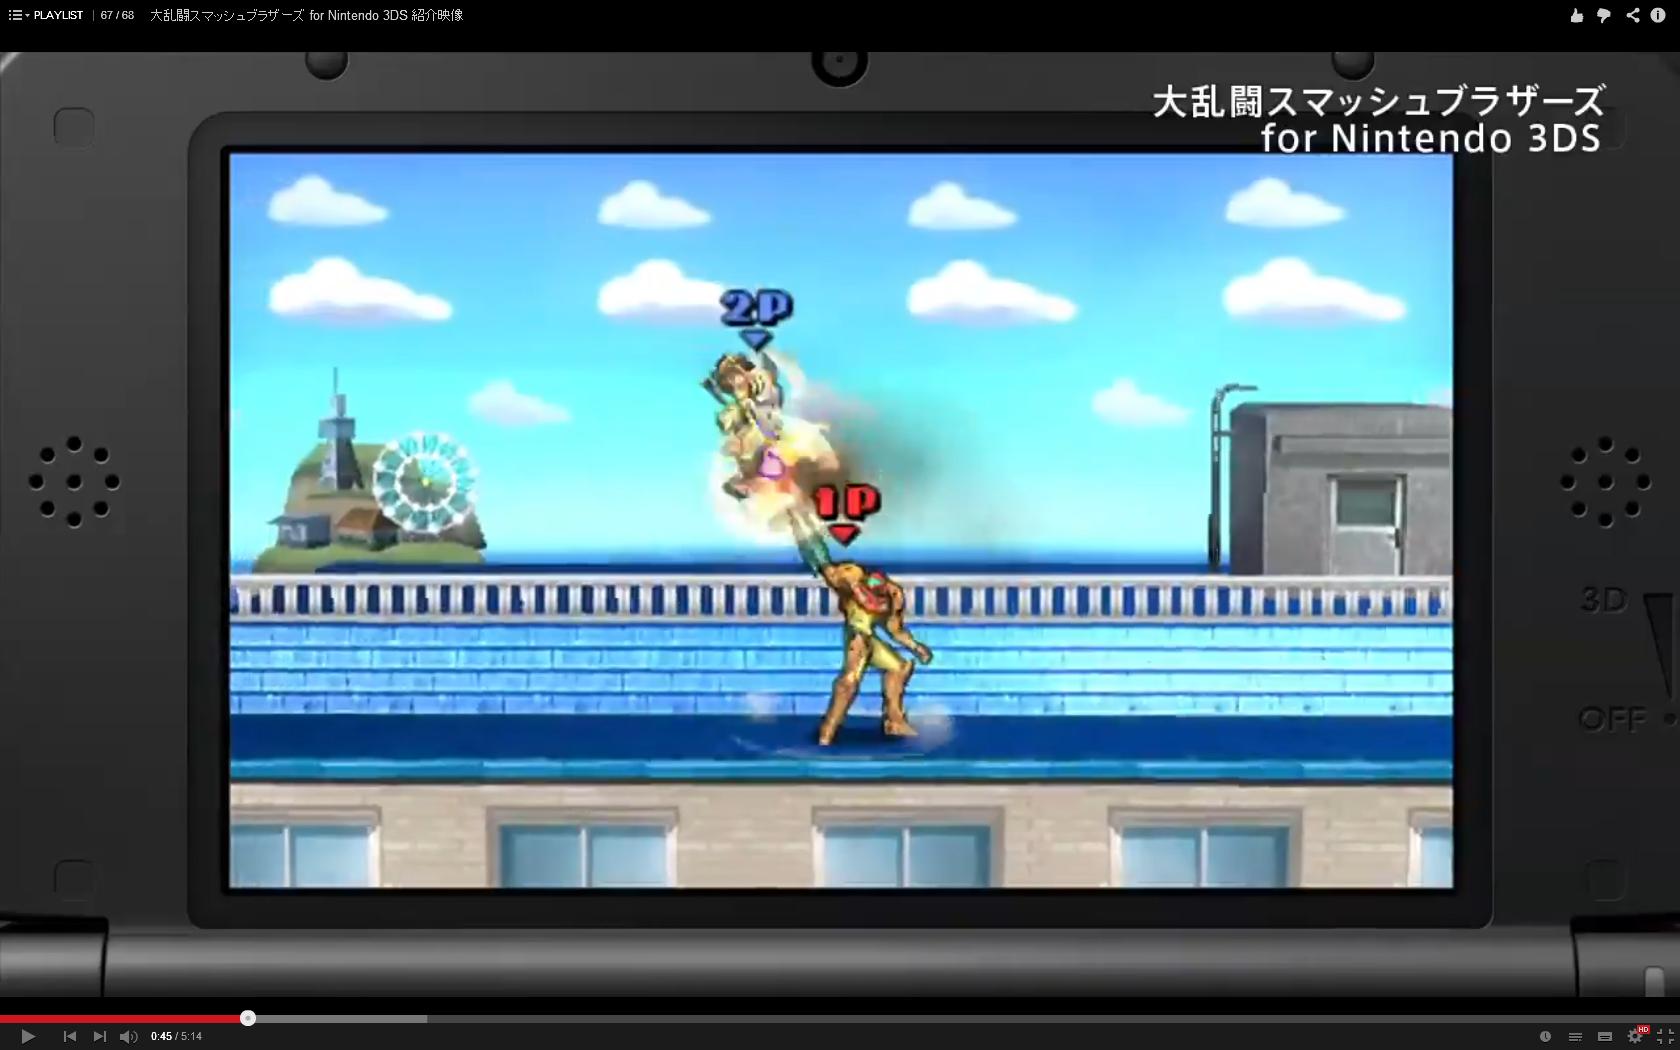 [Officiel] Liste des stages 3DS + nouvelle vidéo 1409319870045094500